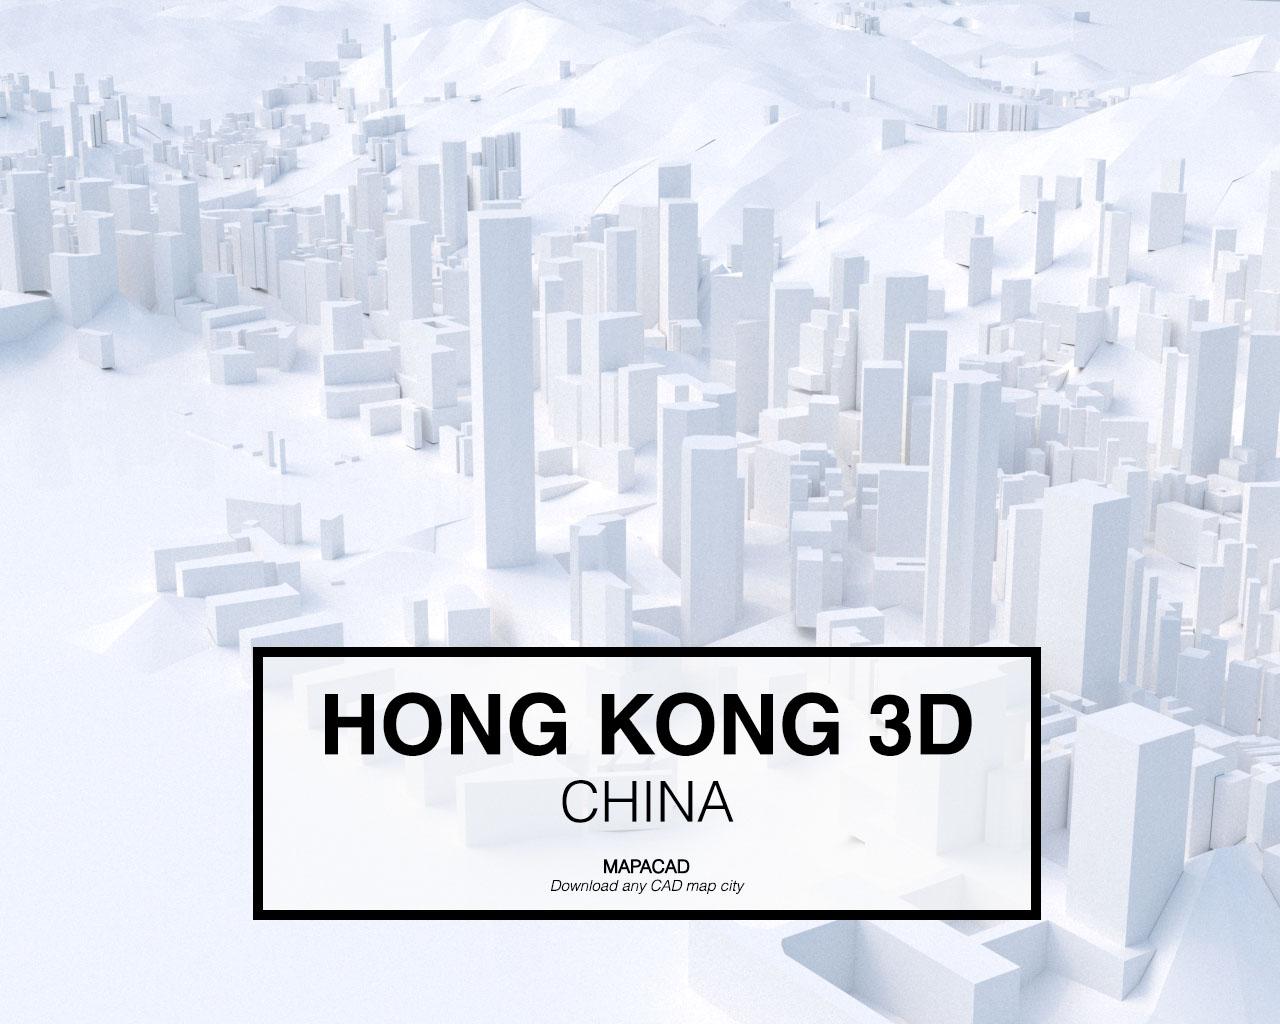 Hong Kong 3D